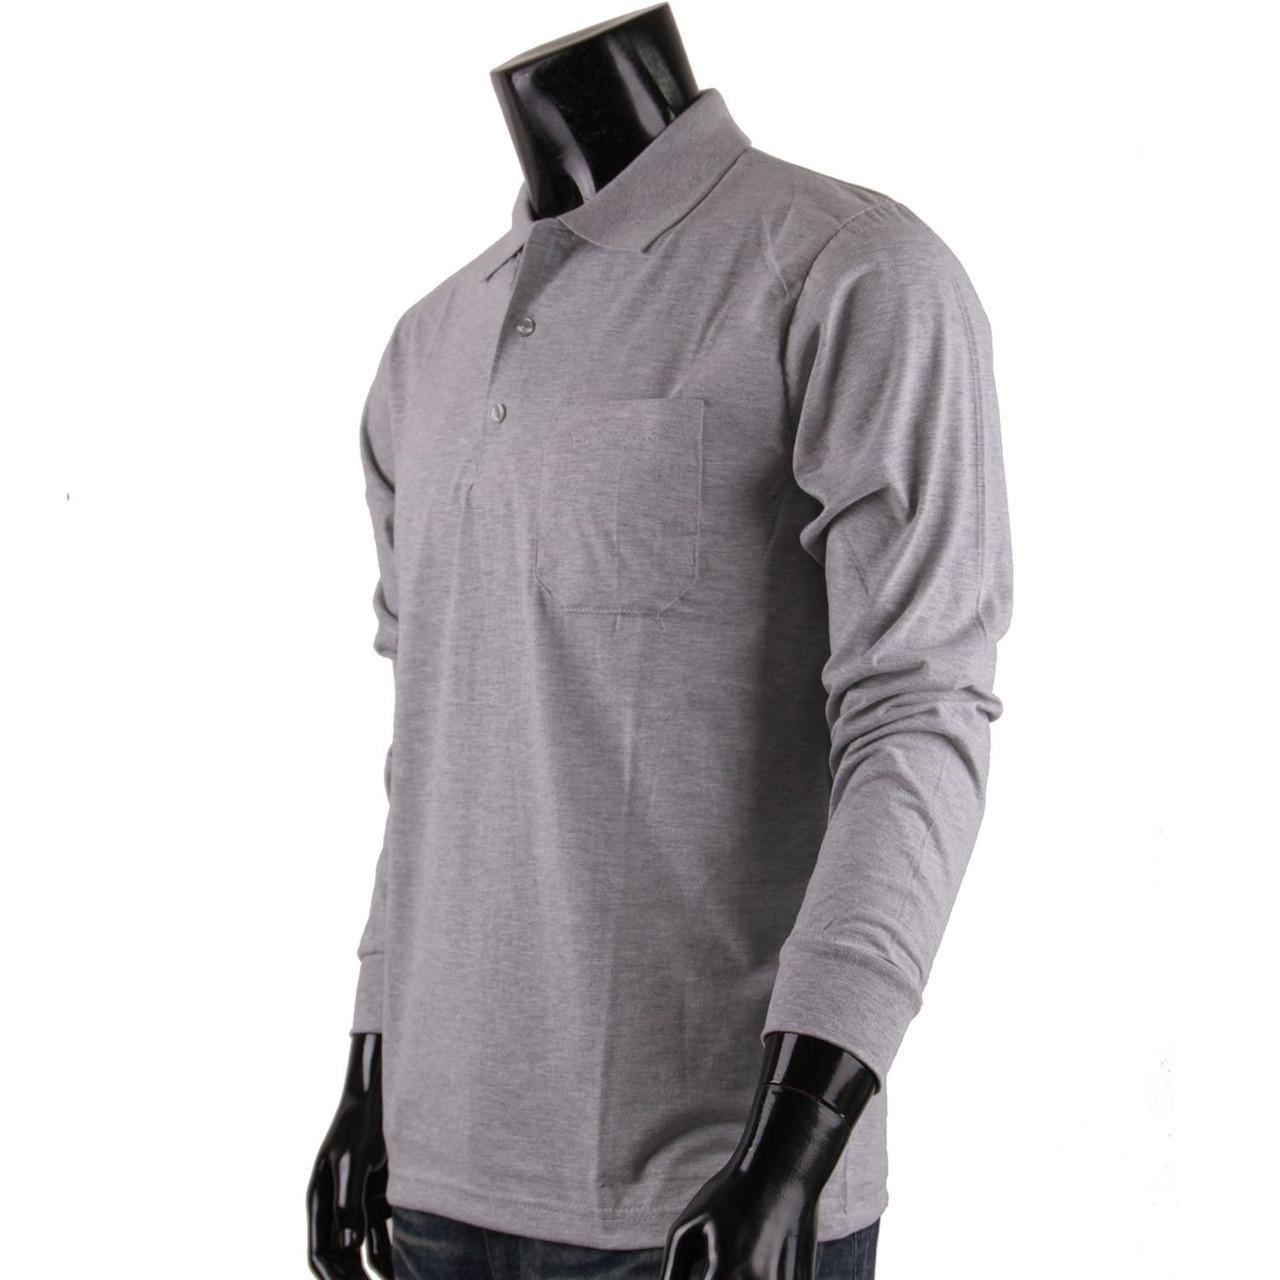 Bcpolo Mens Long Sleeves Cotton Solid Polo Shirtgrey